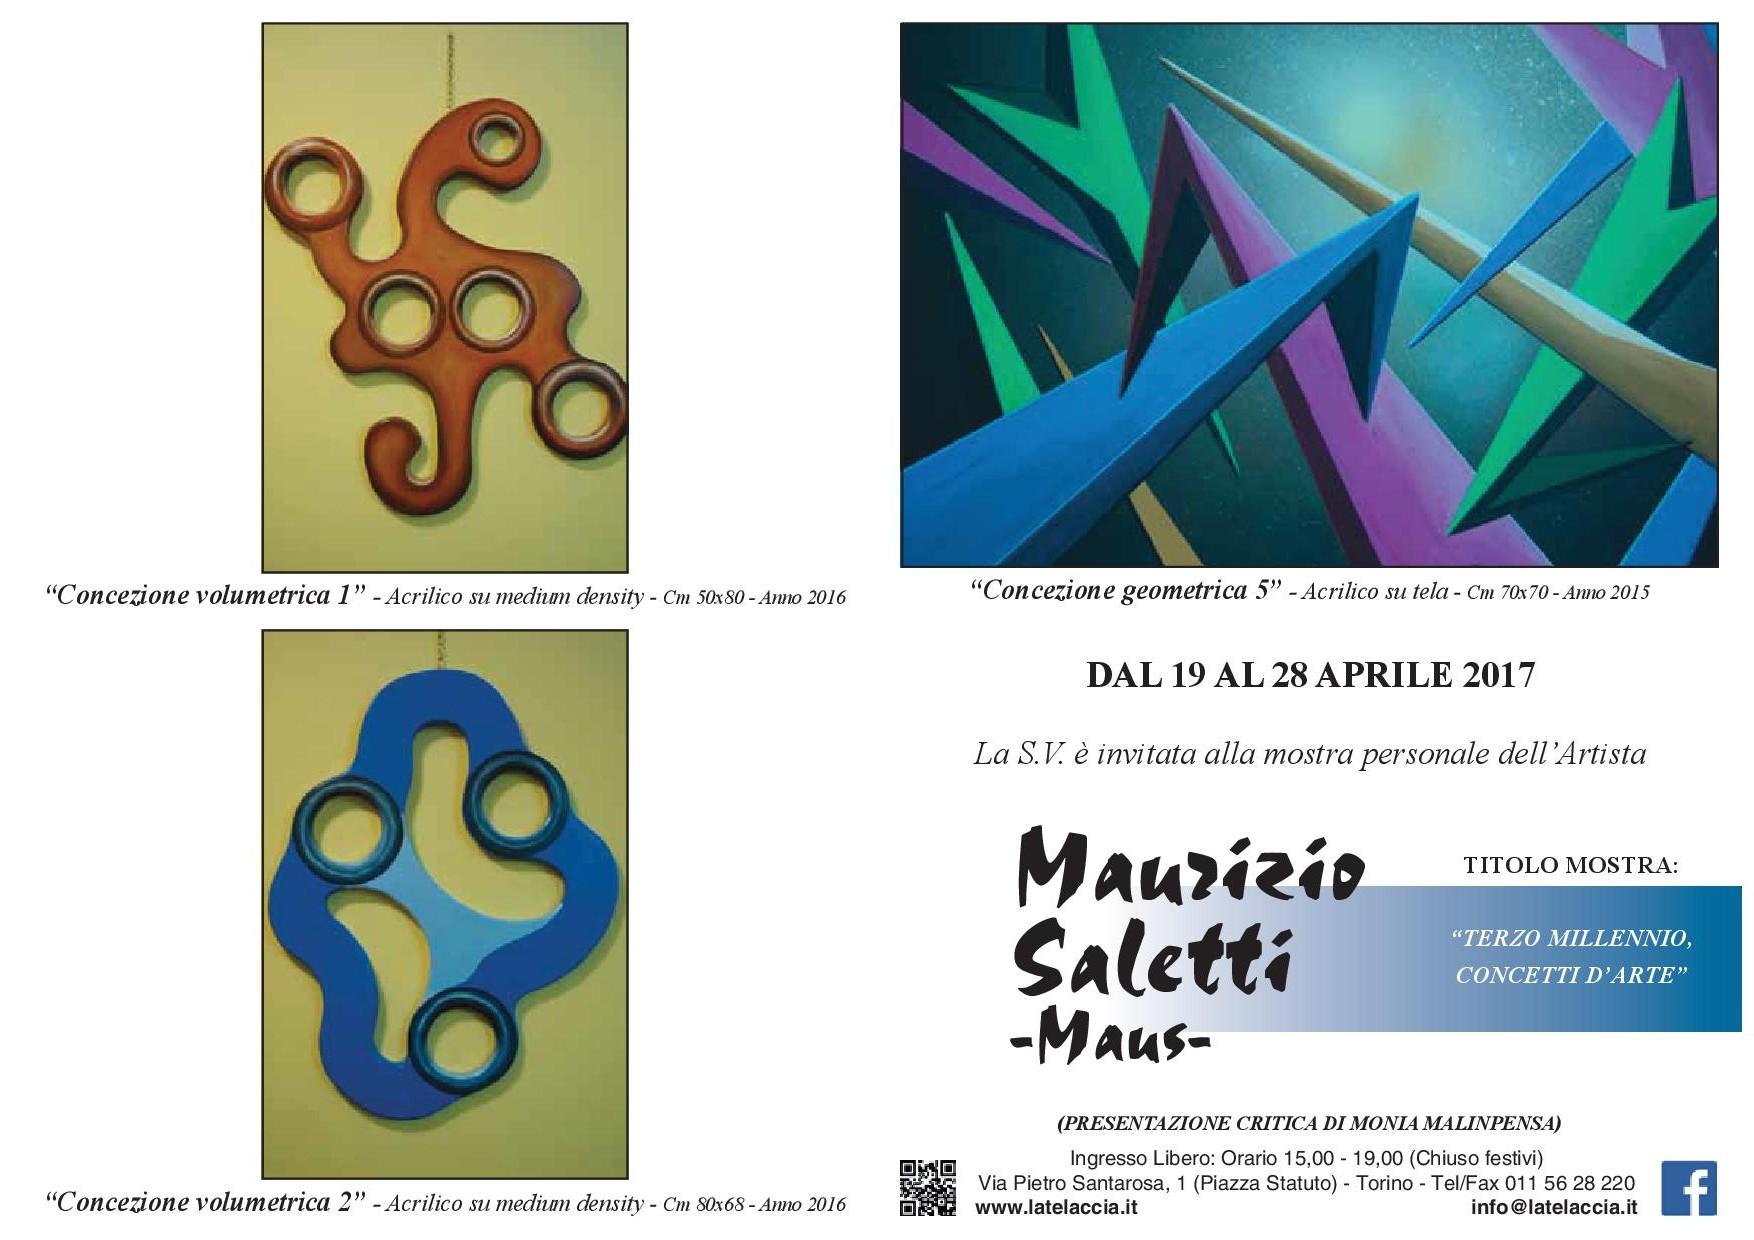 depliant mostra personale dell'artista Maurizio Saletti - Maus1.jpg